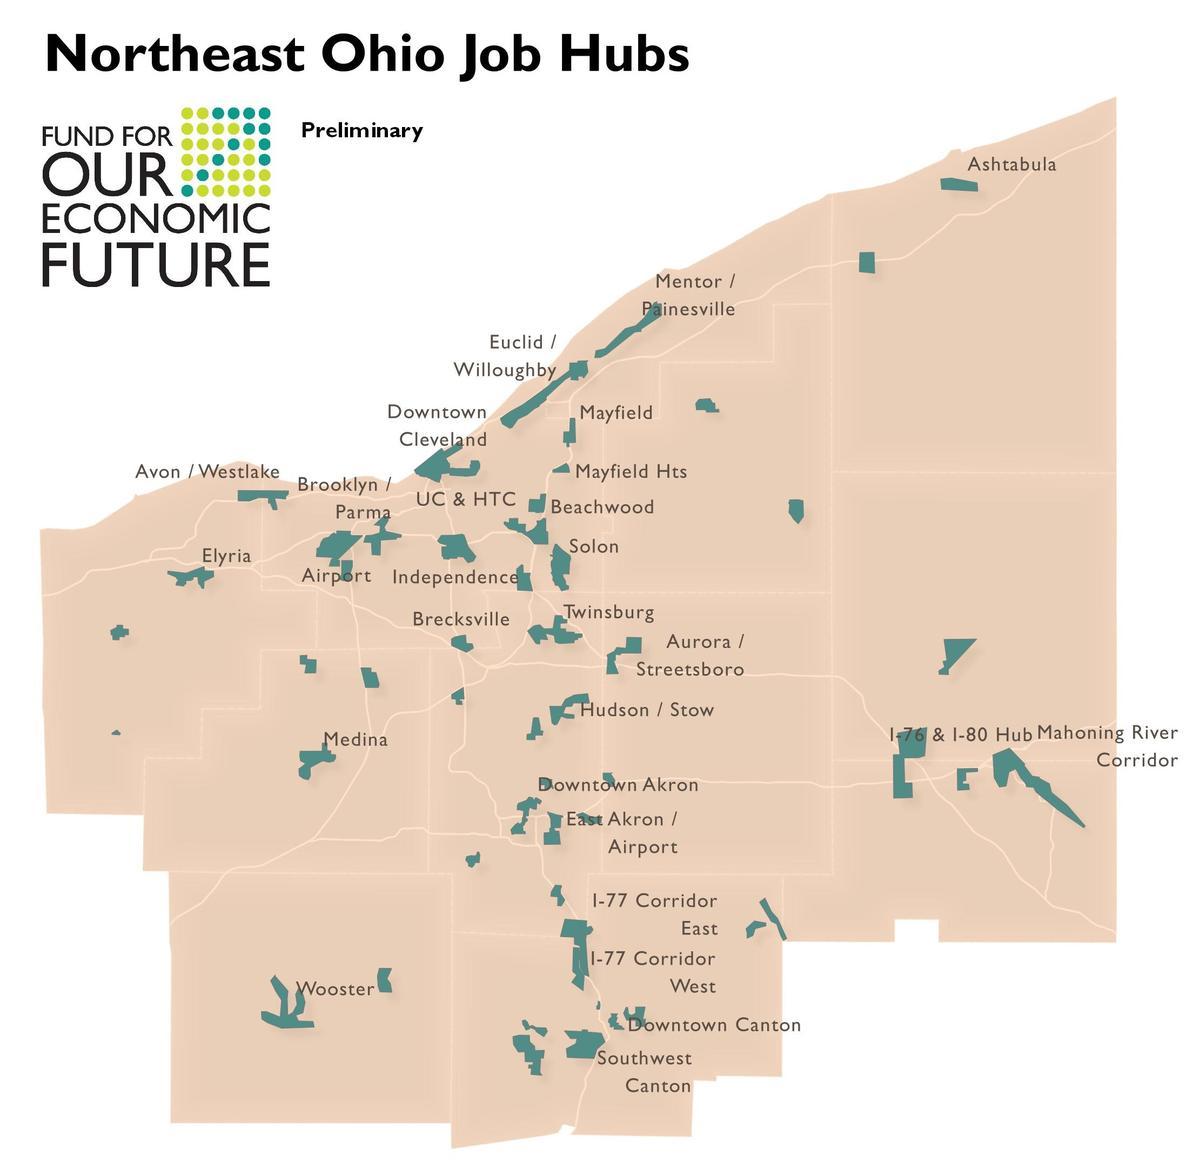 Job Hubs